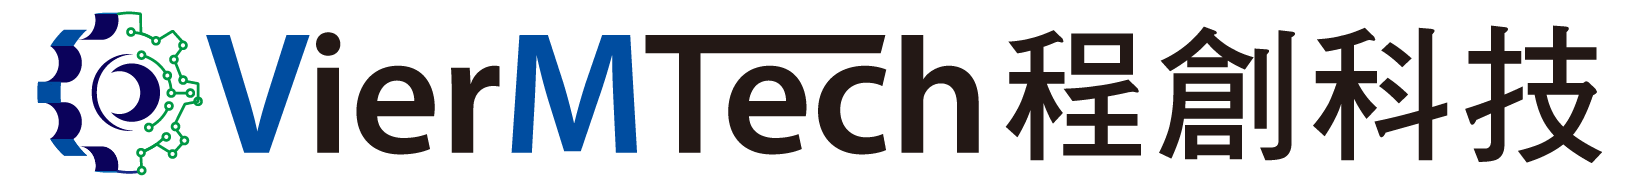 VierMTech INC.